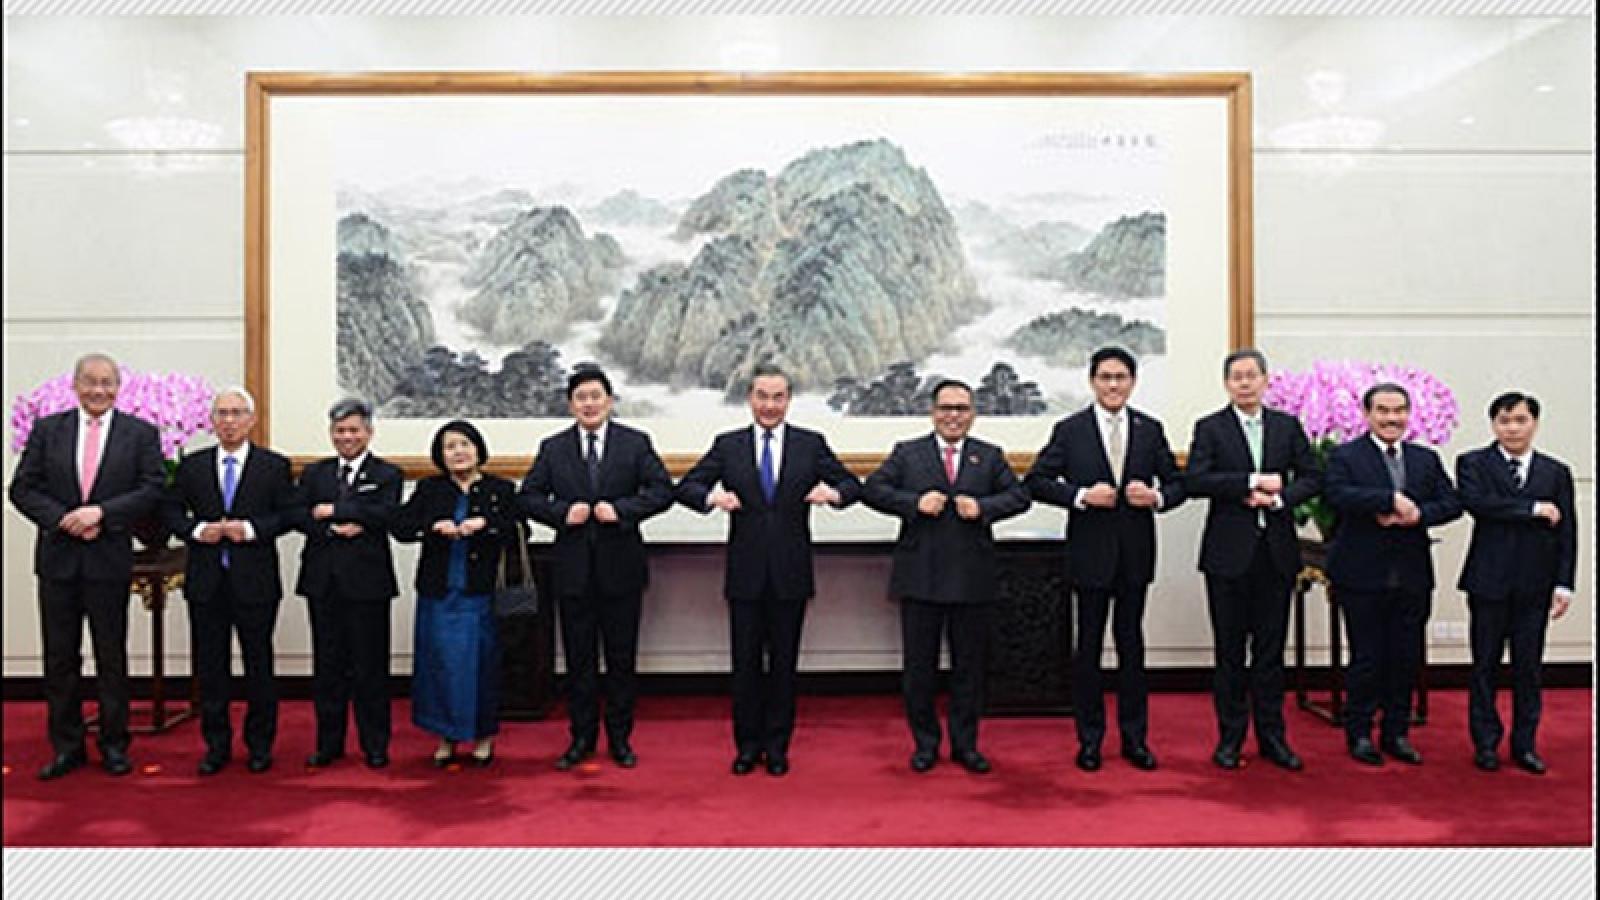 Trung Quốc khẳng định sự hợp tác chặt chẽ với ASEAN